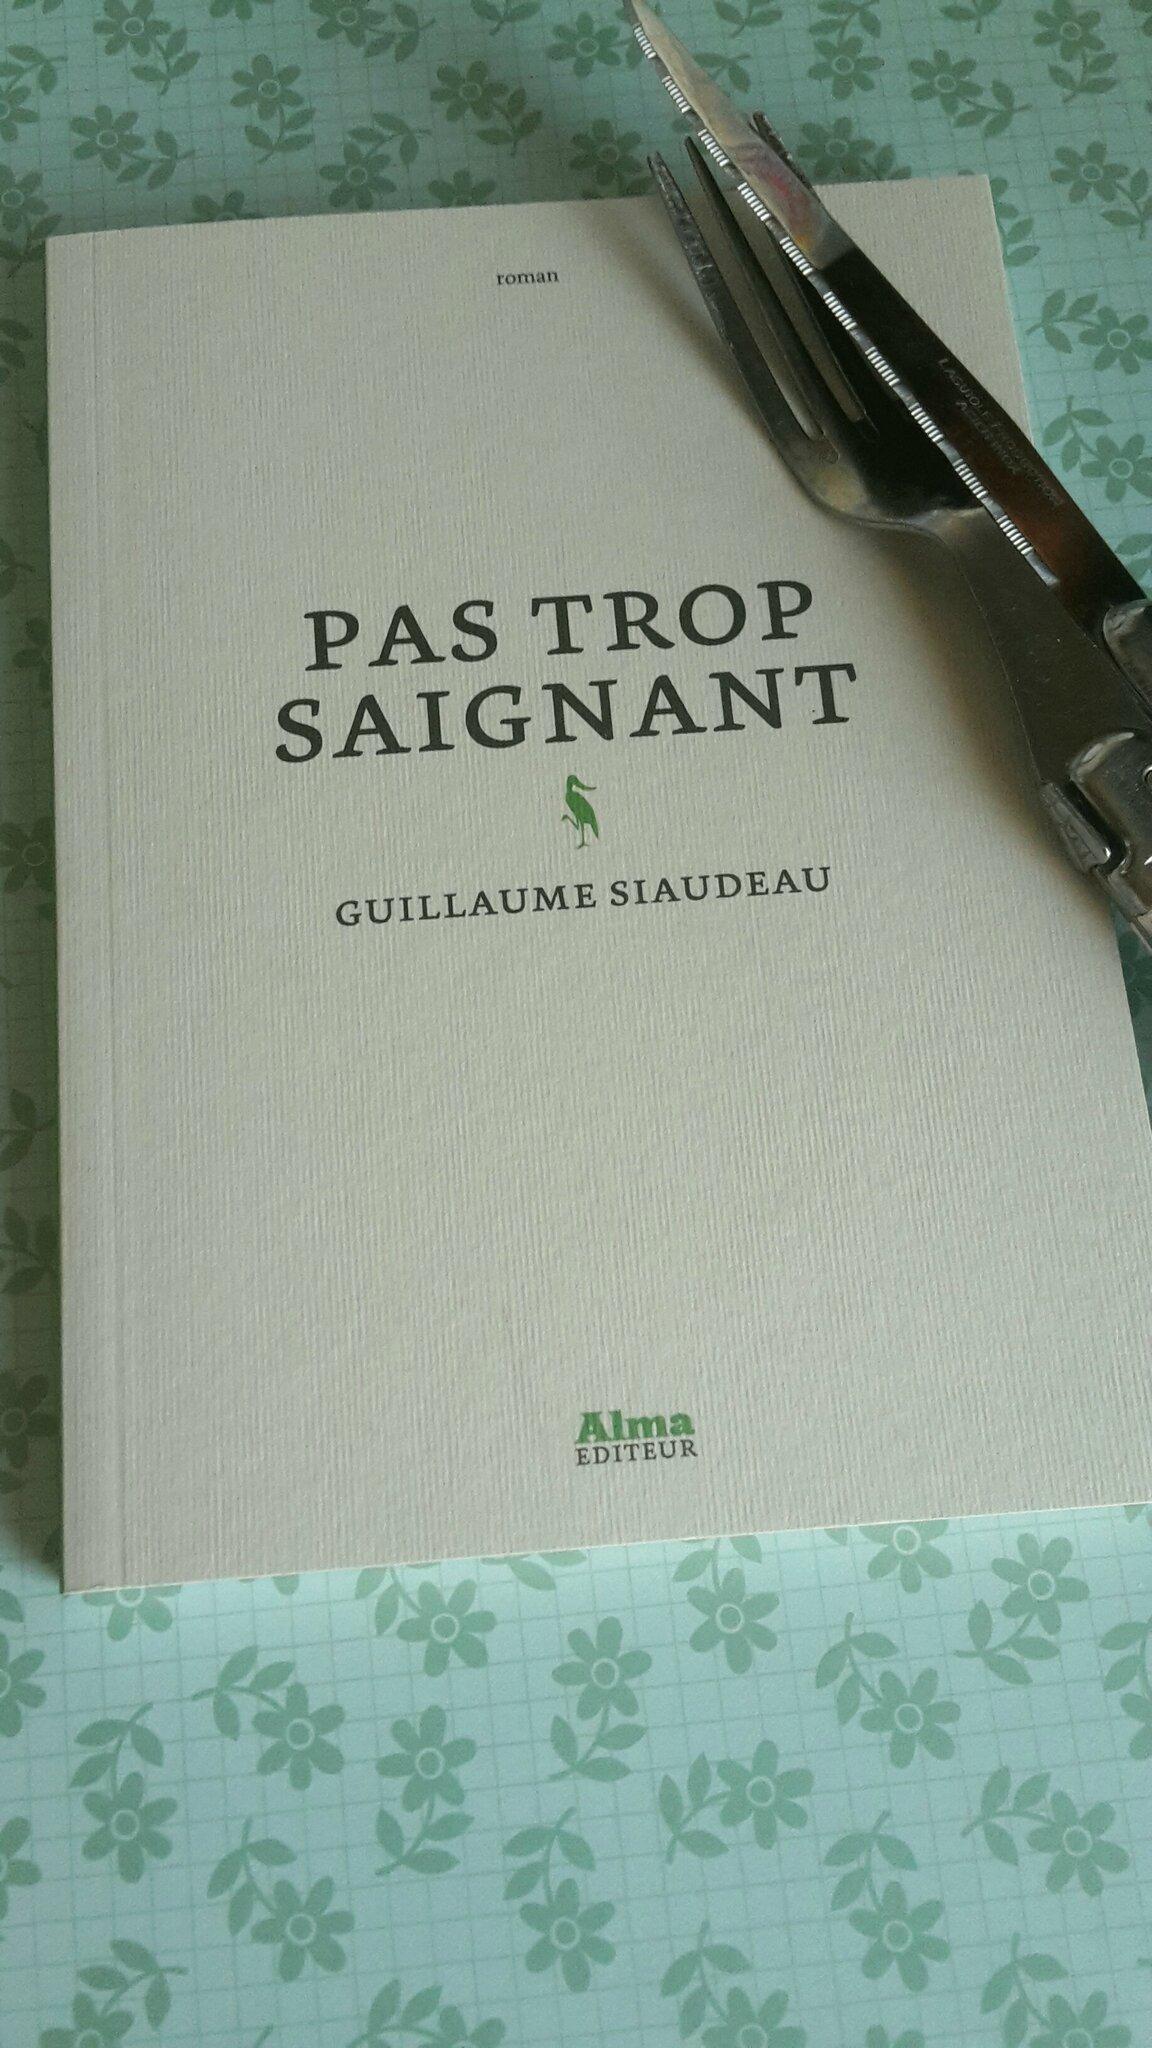 « Pas trop saignant » de Guillaume Siaudeau